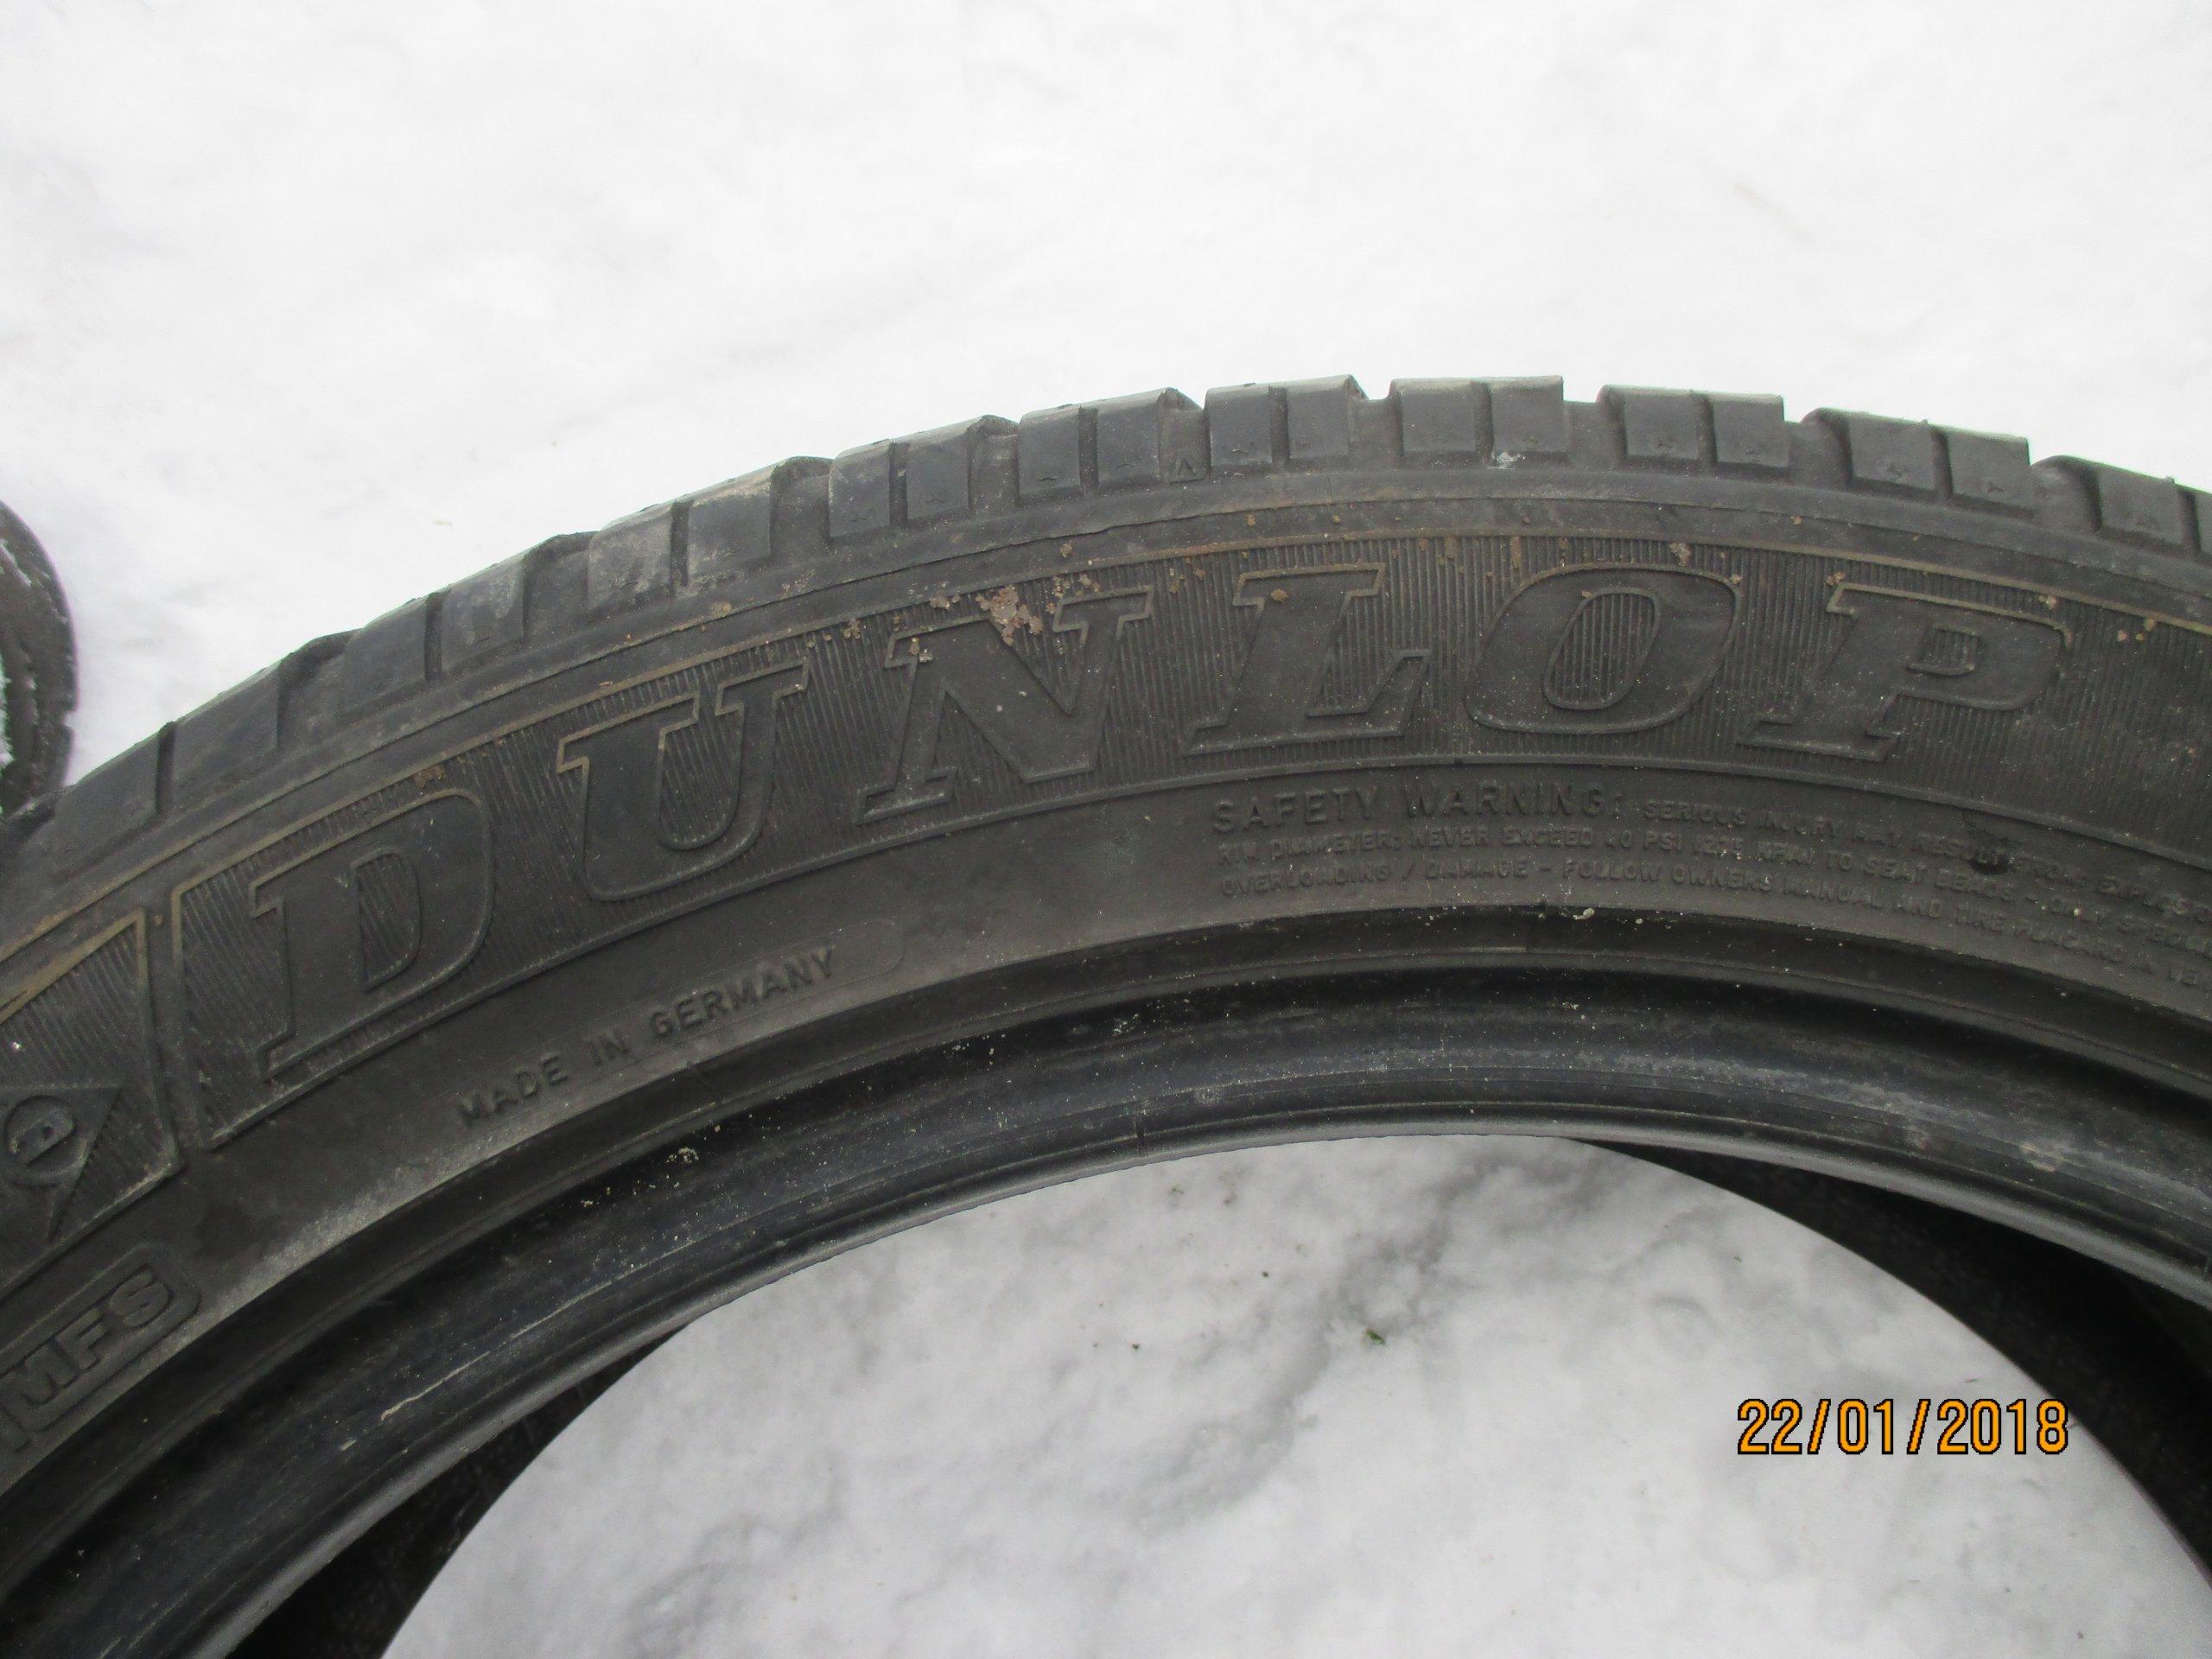 Opony Zimowe Dunlop 22550 R18 4 5mm 2szt łuków 7146971546